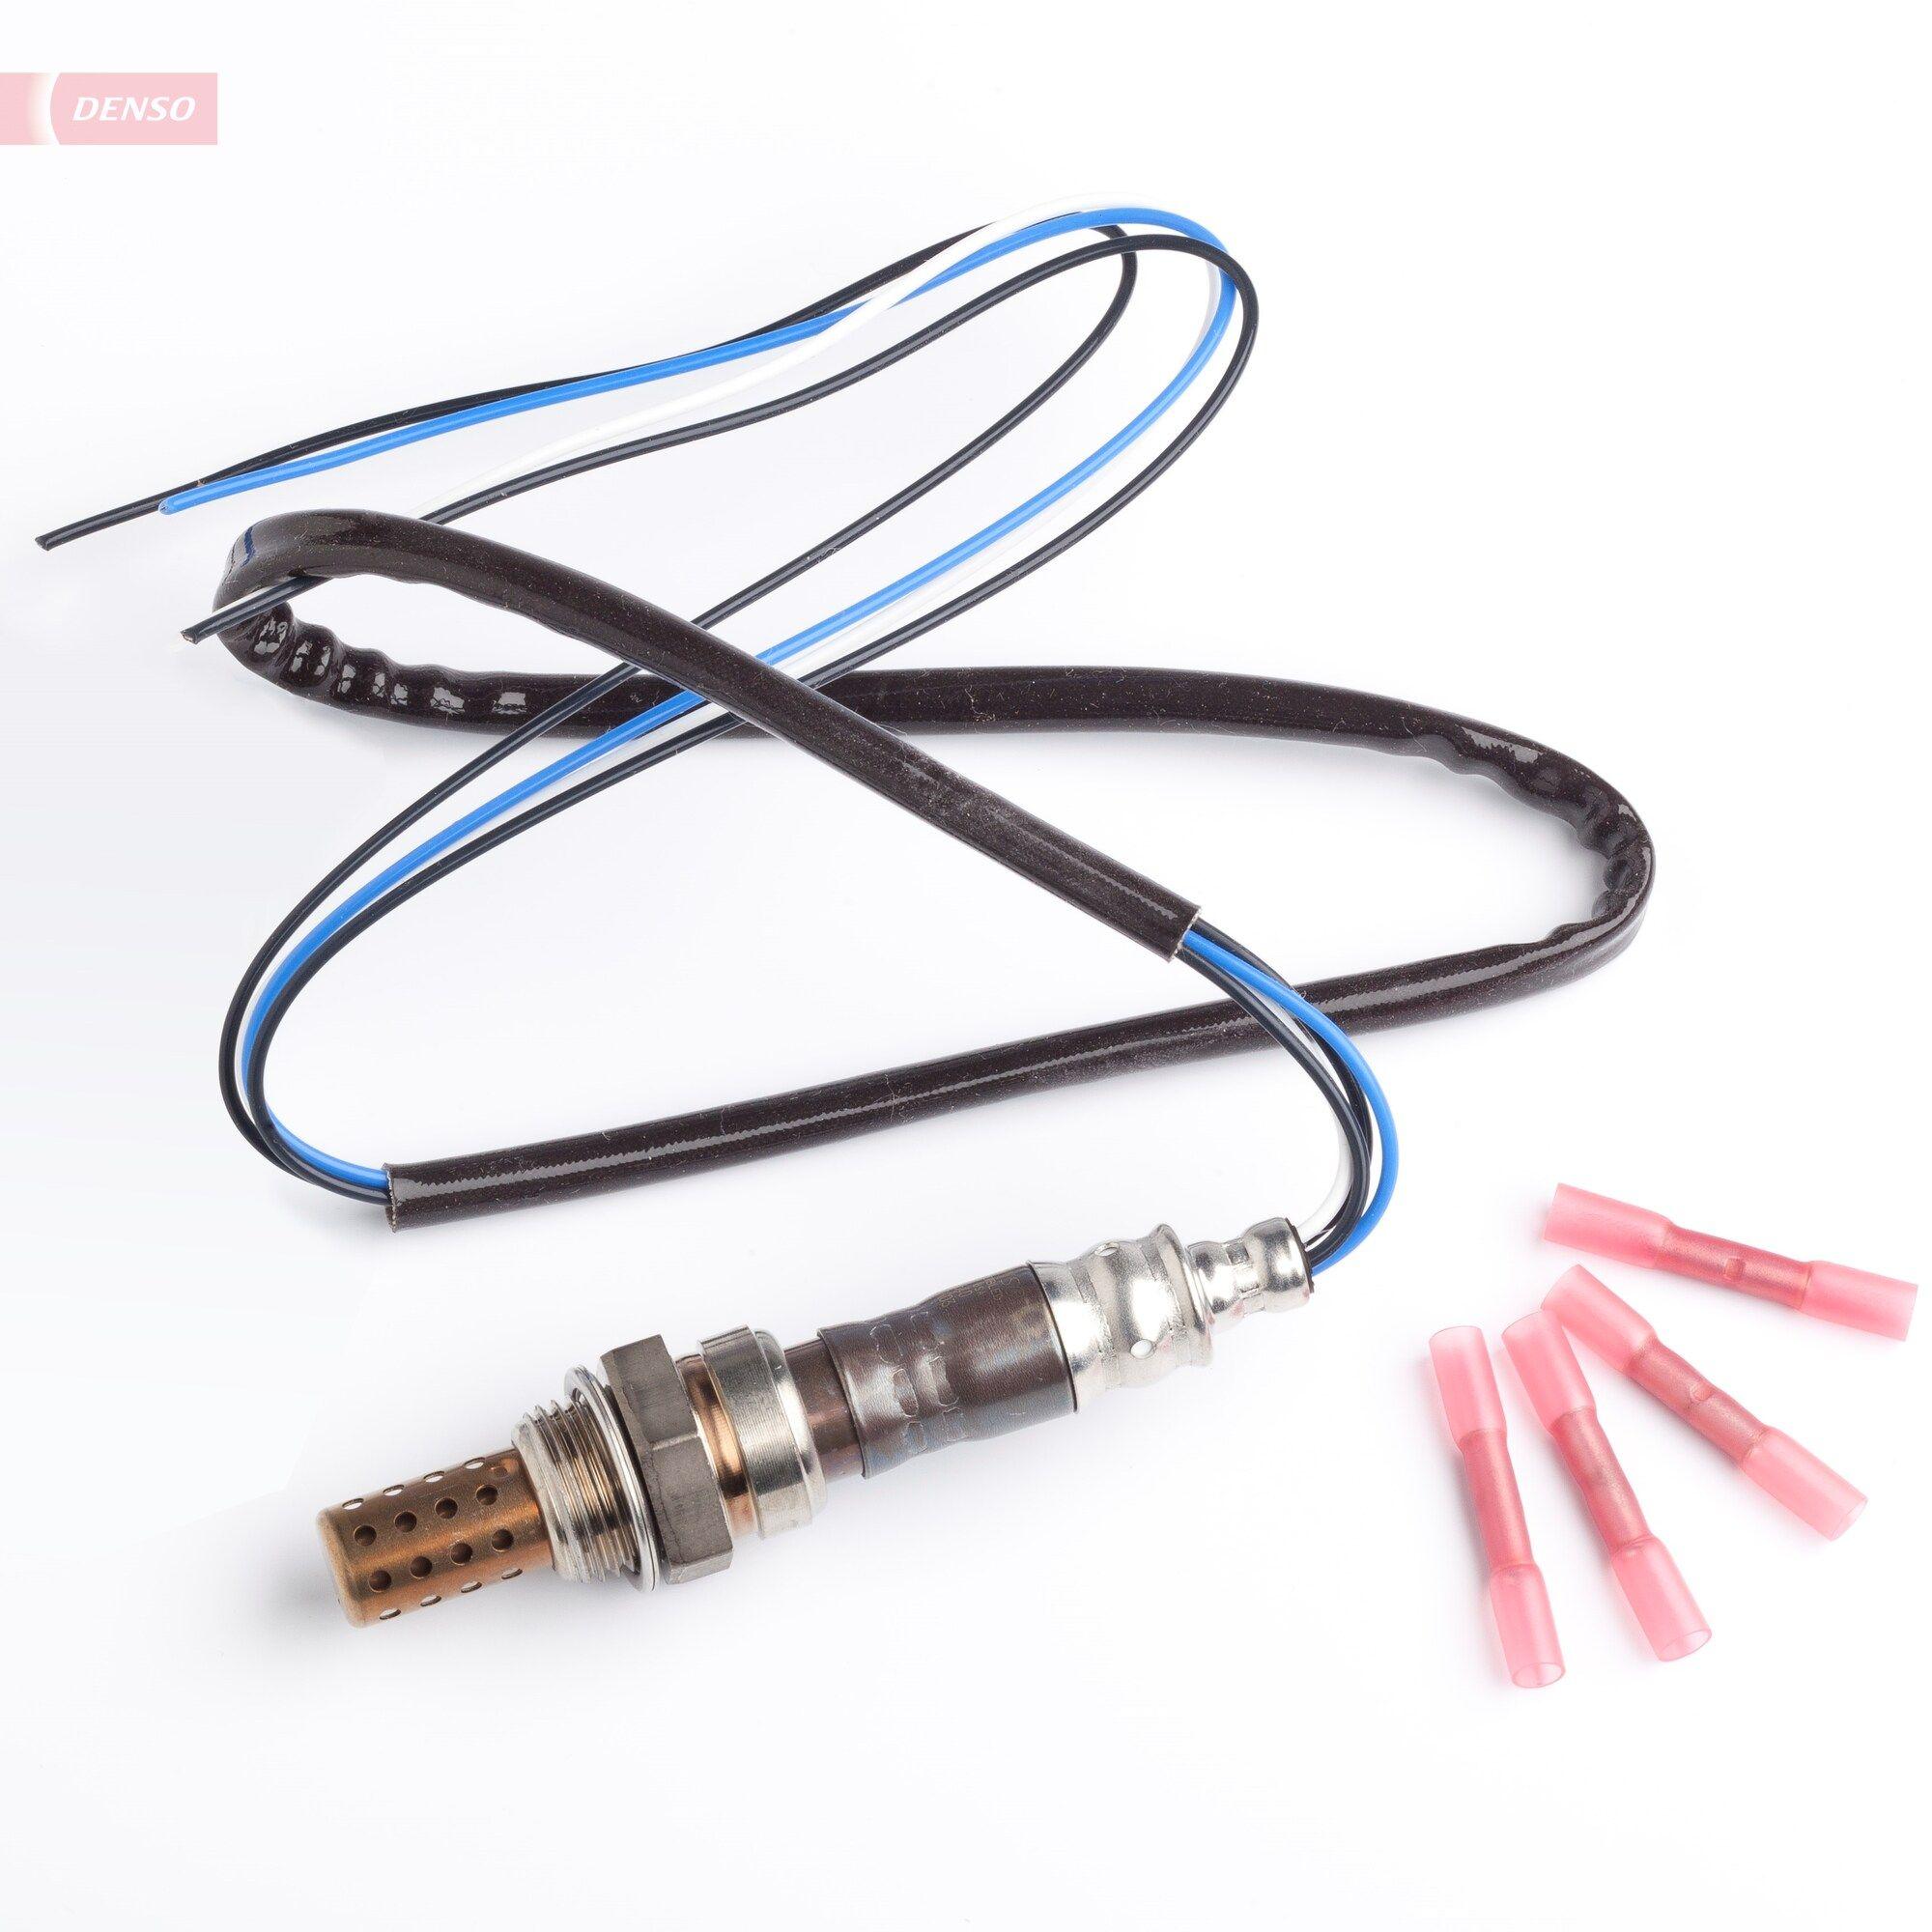 DOX-0119 DENSO zu niedrigem Preis